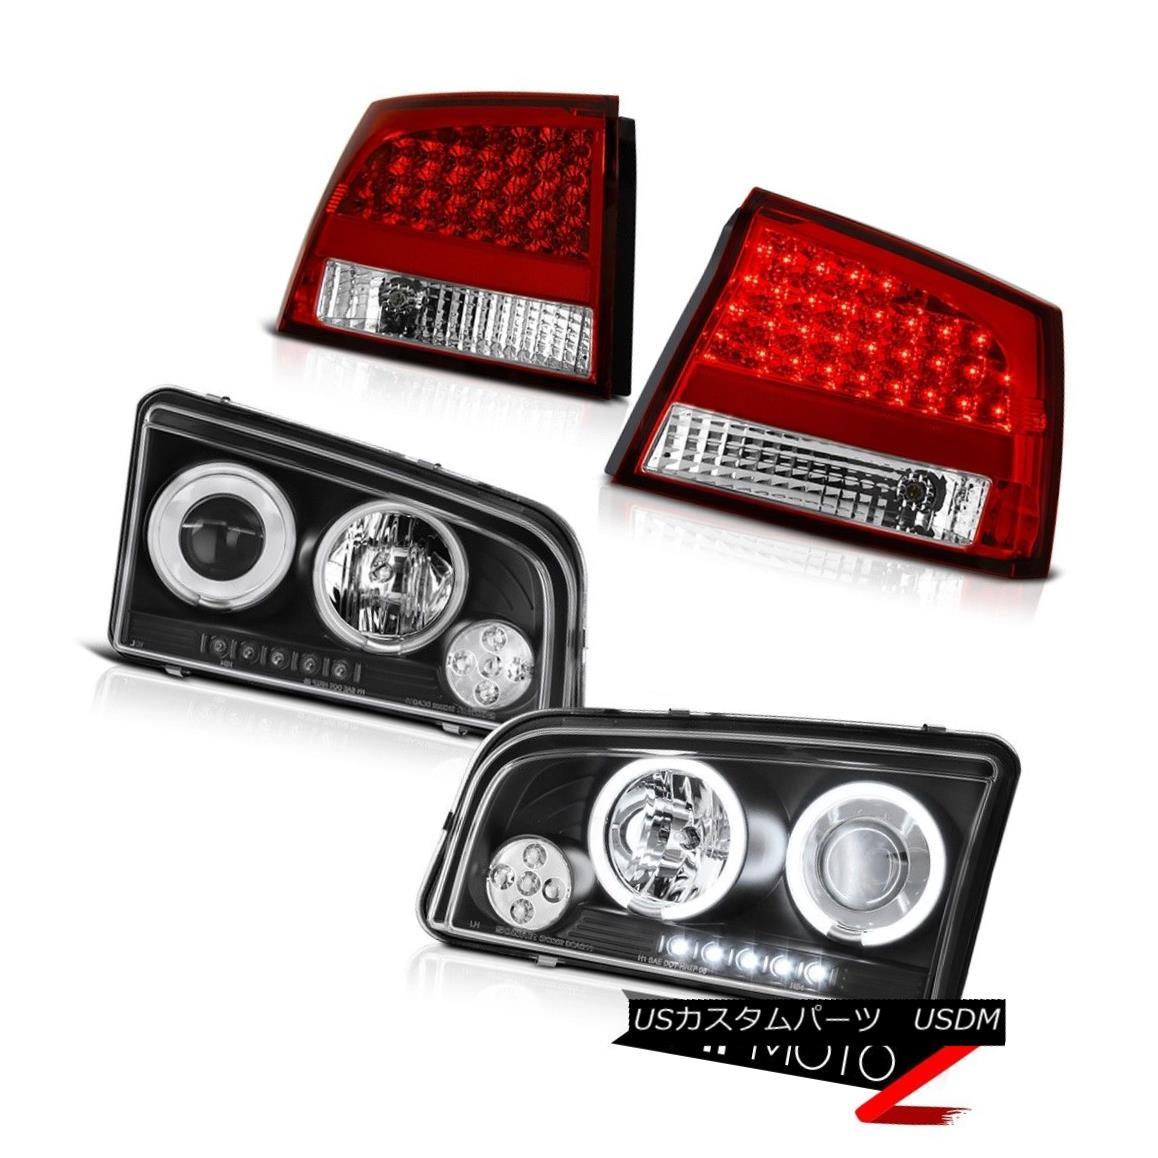 テールライト 2009 2010 Charger 3.5L CCFL Halo Ring Black Head Lamp Light Chrome LED Taillight 2009 2010チャージャー3.5L CCFLハローリングブラックヘッドランプライトクロームLEDテールライト